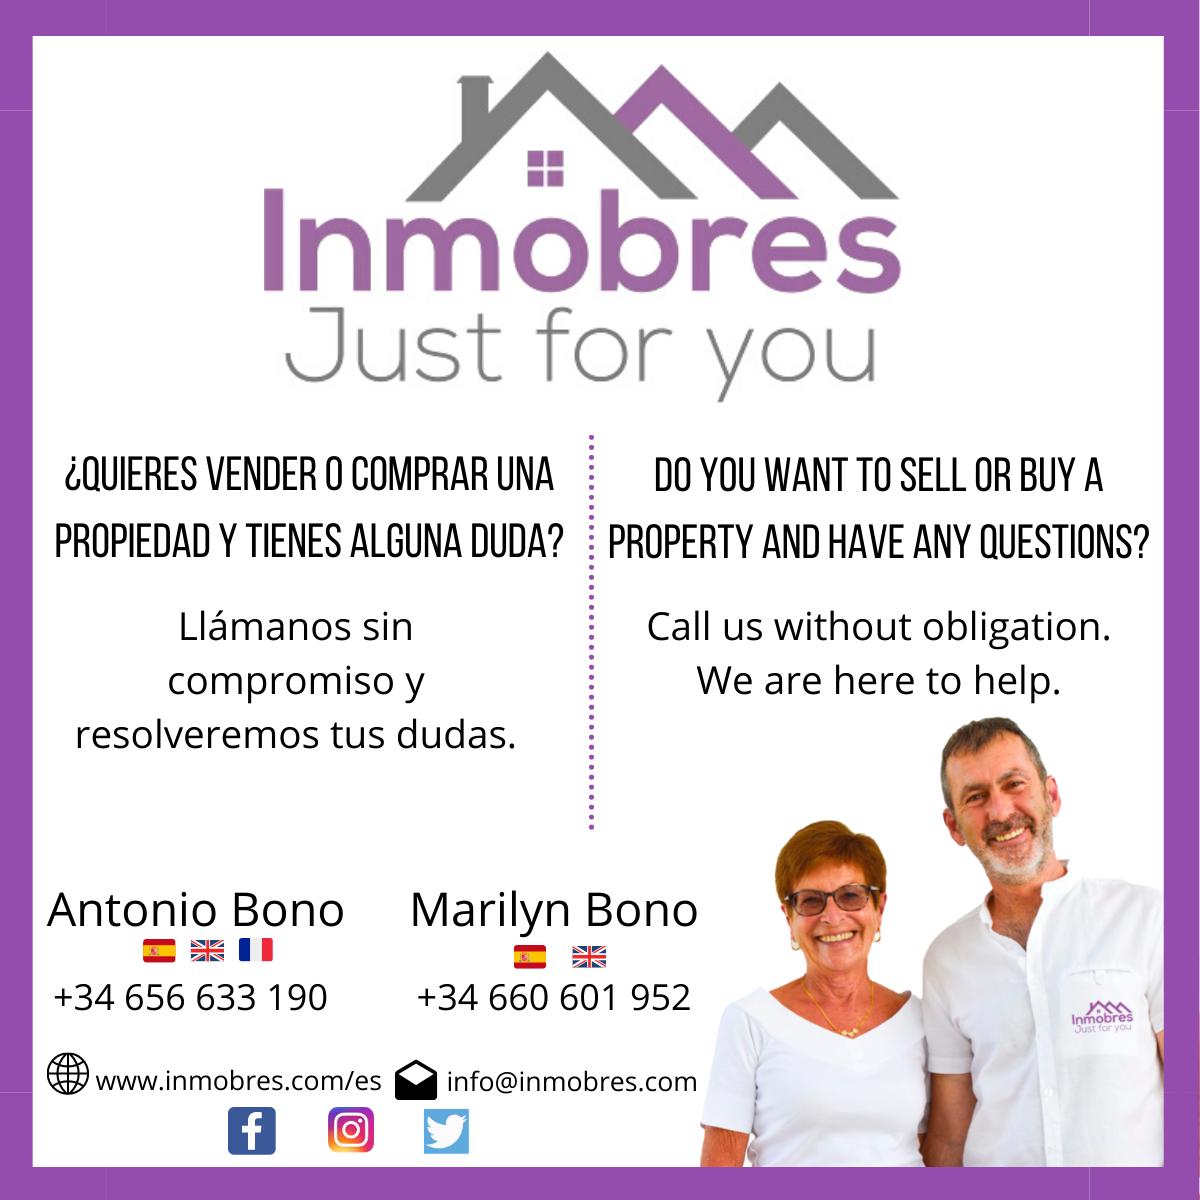 ¿Quieres vender o comprar una propiedad? Llámanos sin compromiso